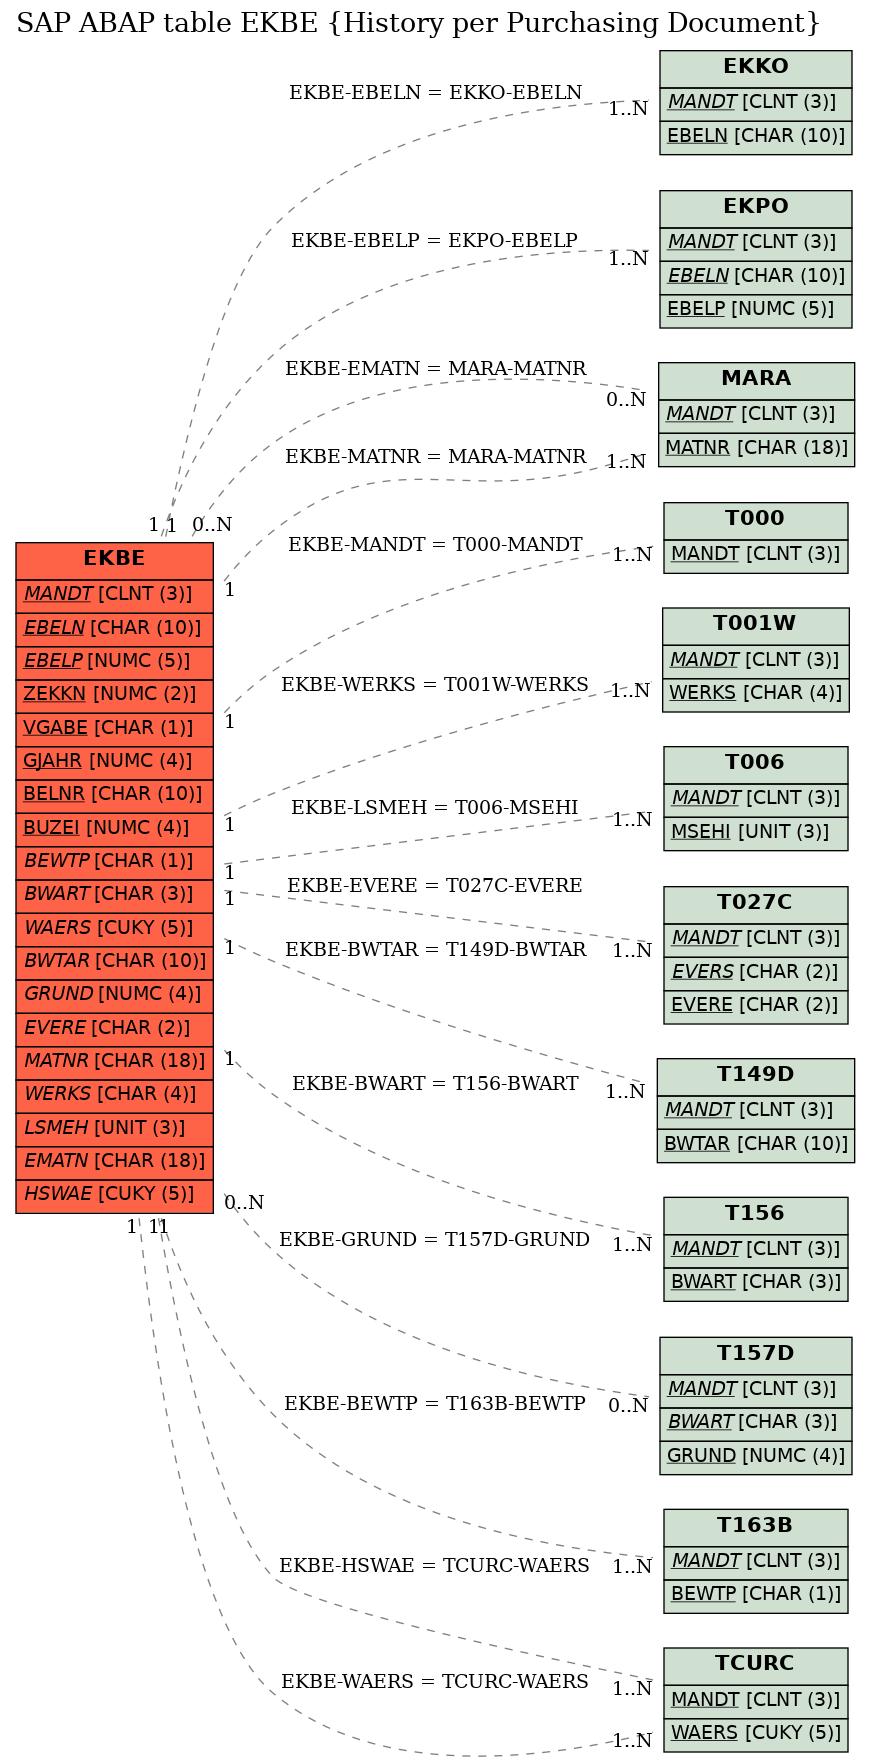 E-R Diagram for table EKBE (History per Purchasing Document)